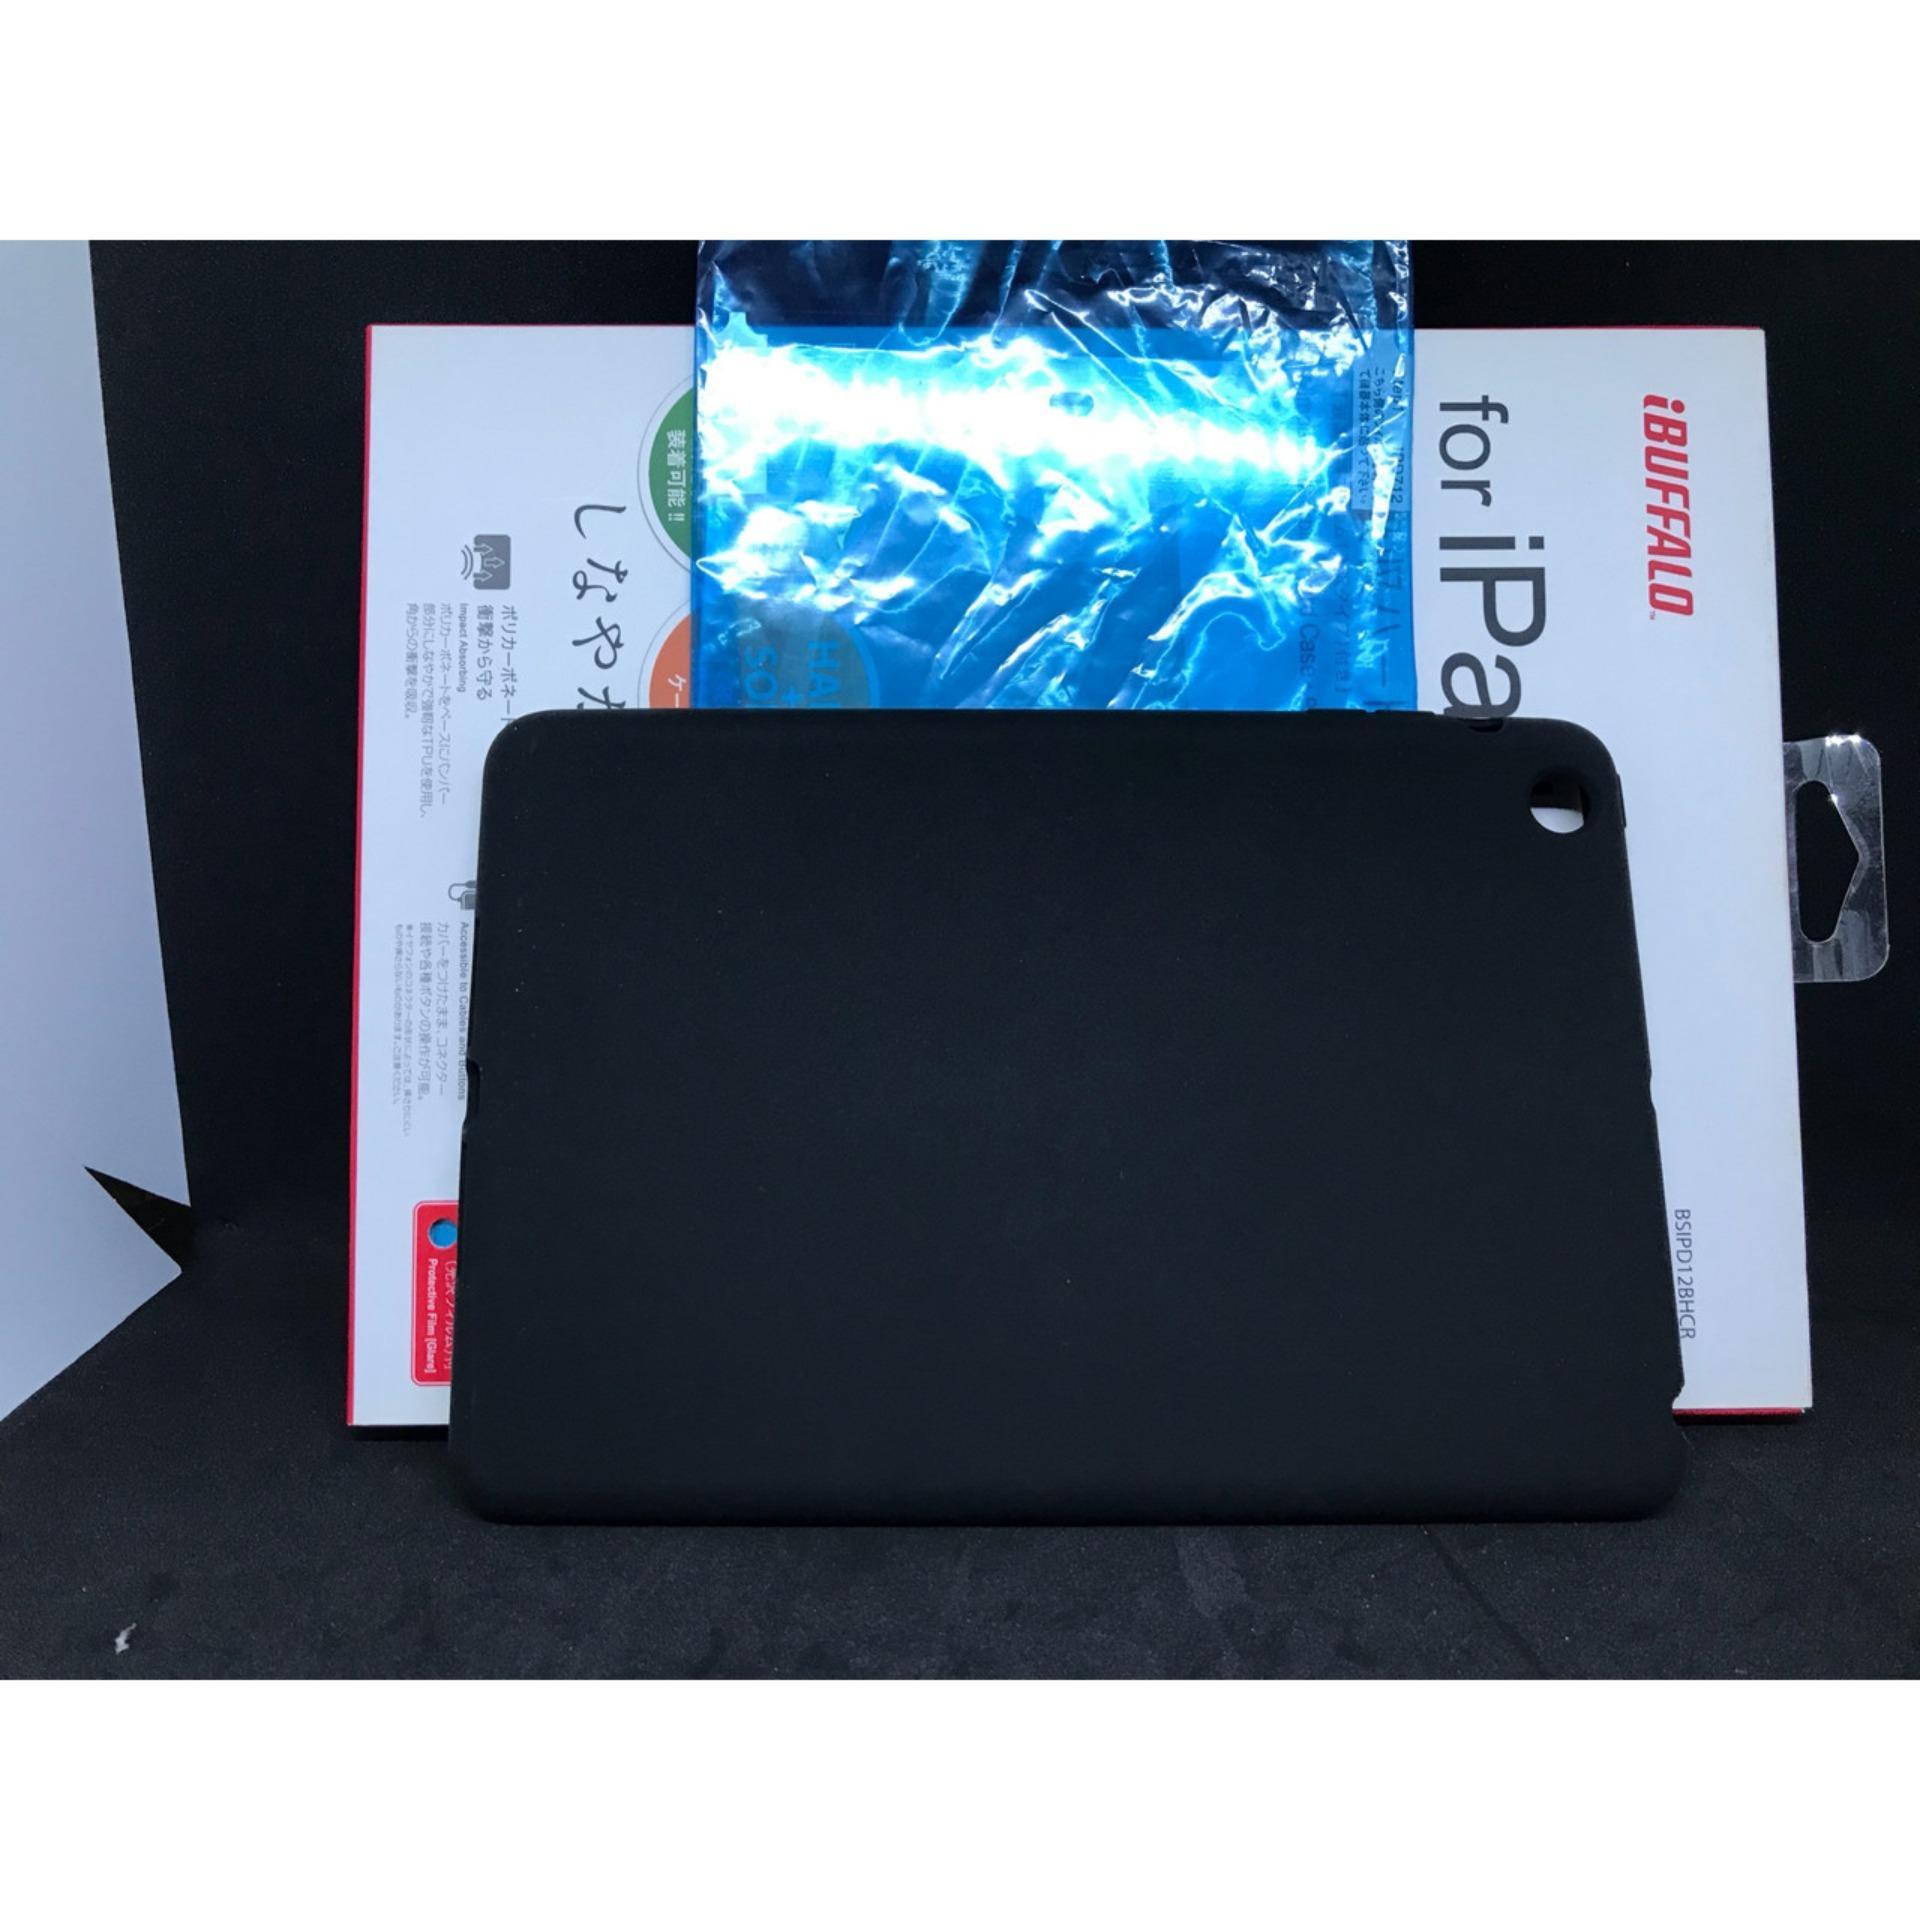 Ốp lưng nhựa dẻo cao cấp iBuffalo dành cho Ipad Mini 1,2,3 đen bóng